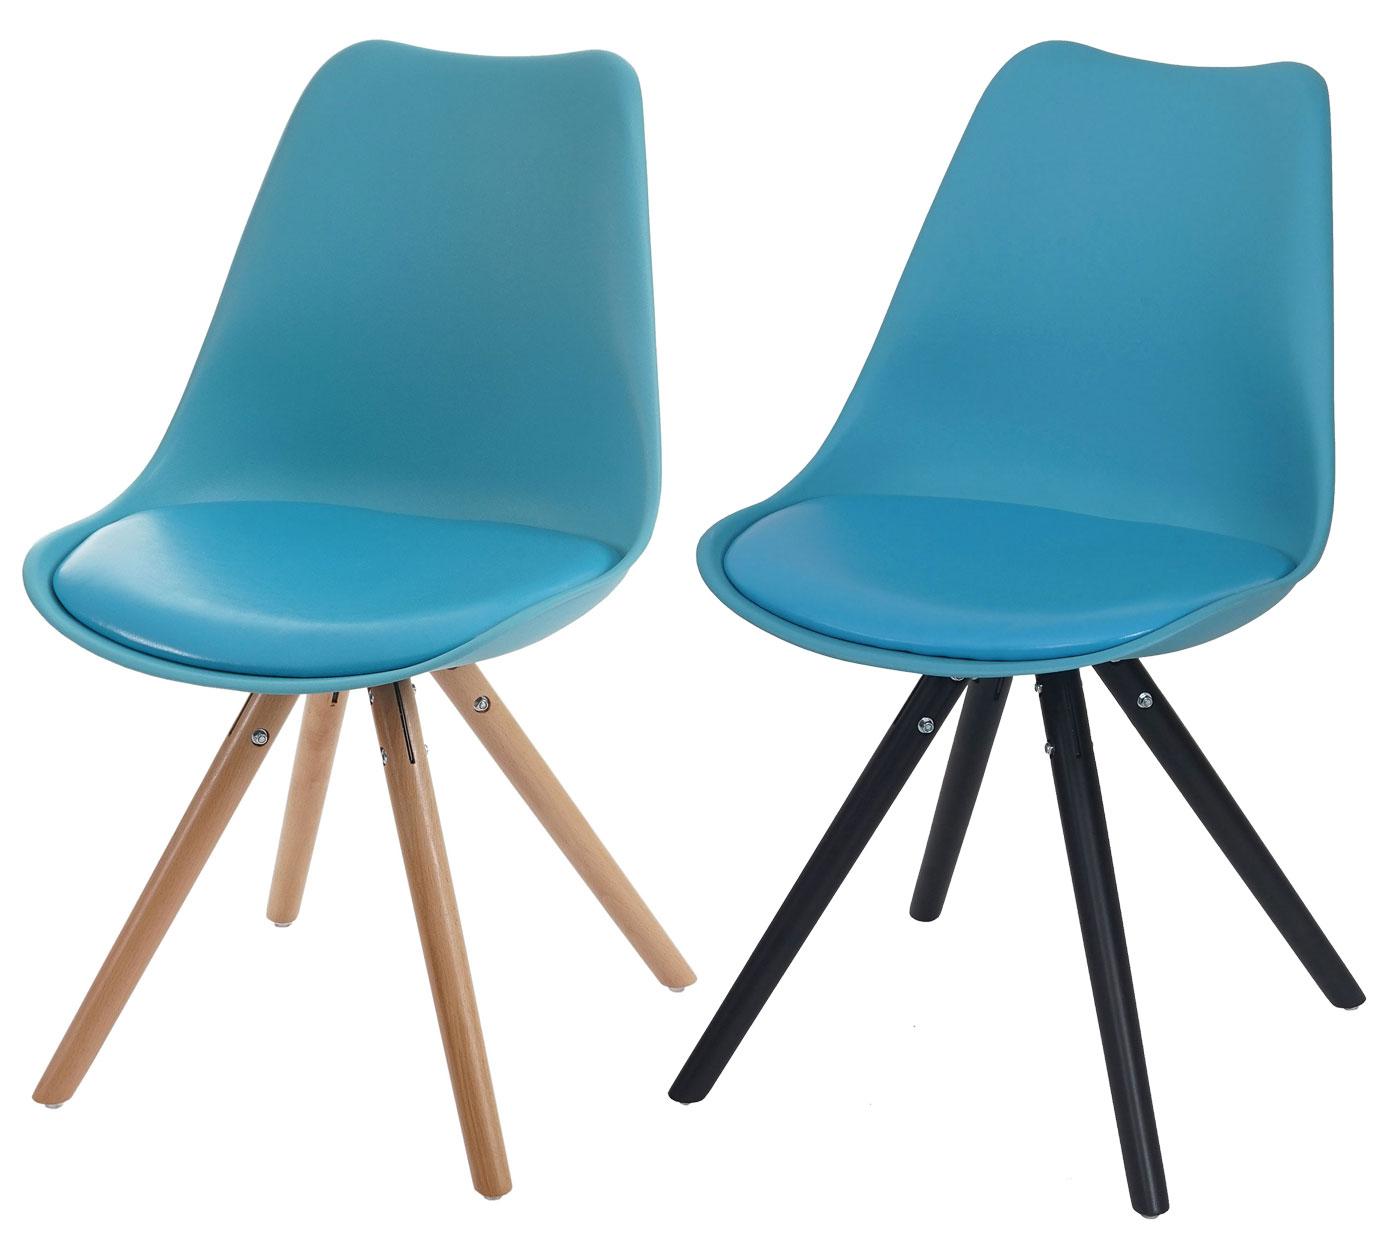 6x esszimmerstuhl malm t501 stuhl lehnstuhl retro 50er for Stuhl design 50er